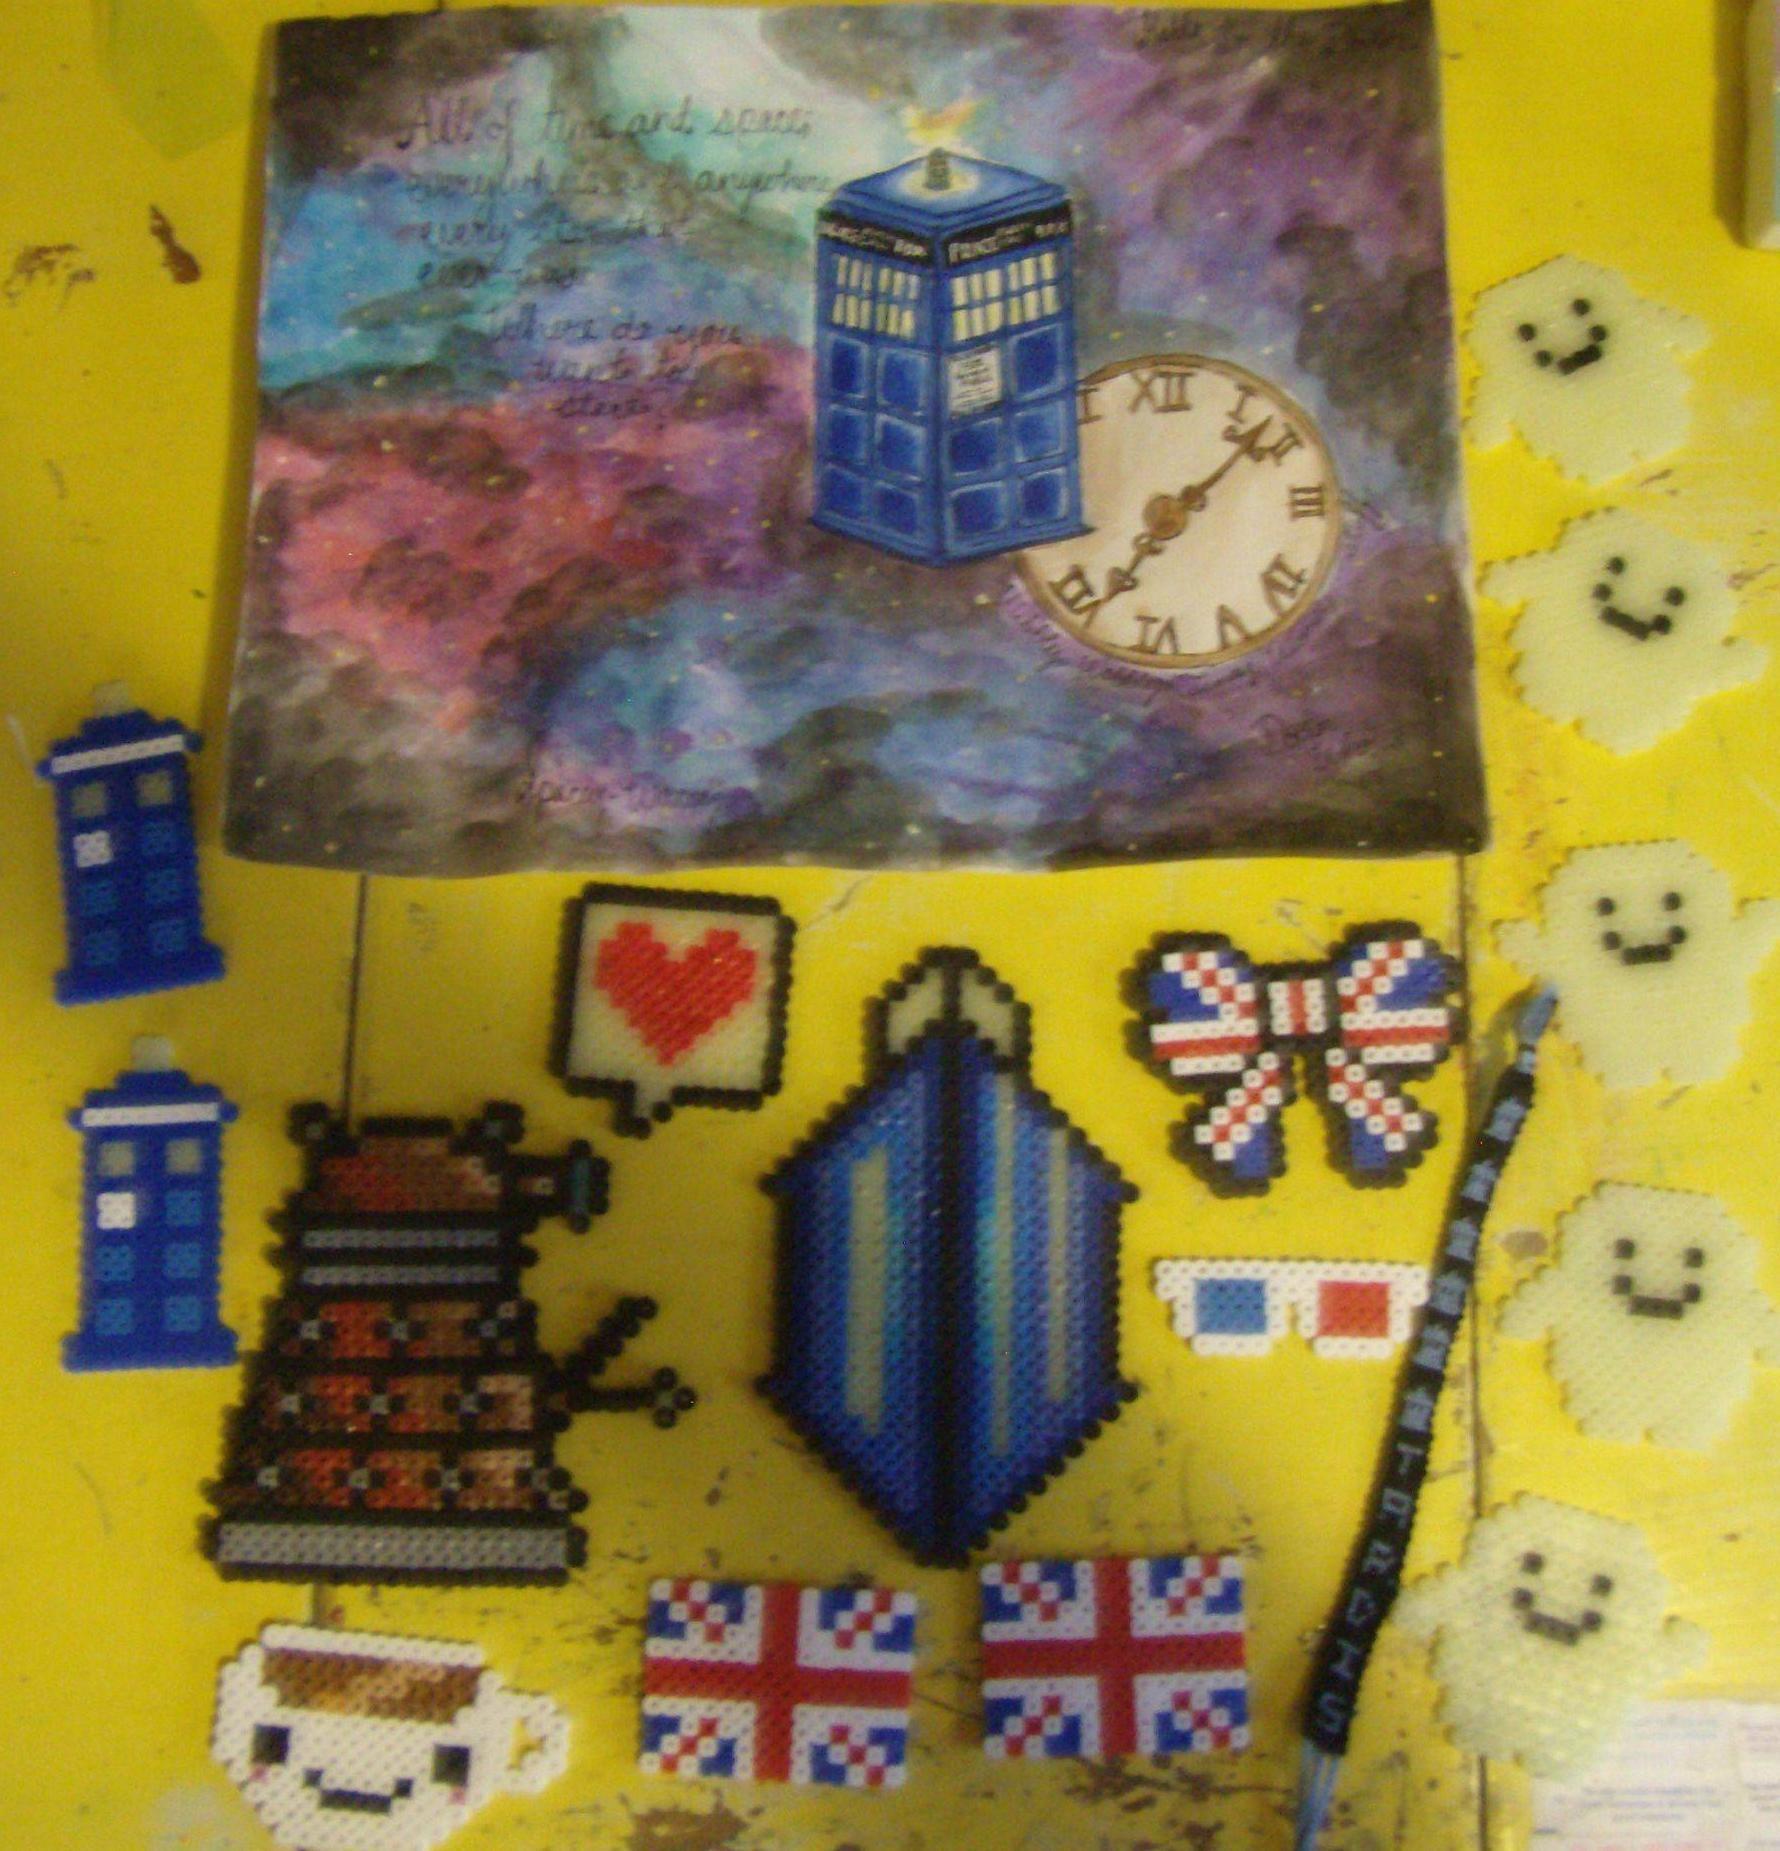 Die besten 25 doctor who bastelarbeiten ideen auf pinterest doctor who tardis doctor who und - Tardis selber bauen ...